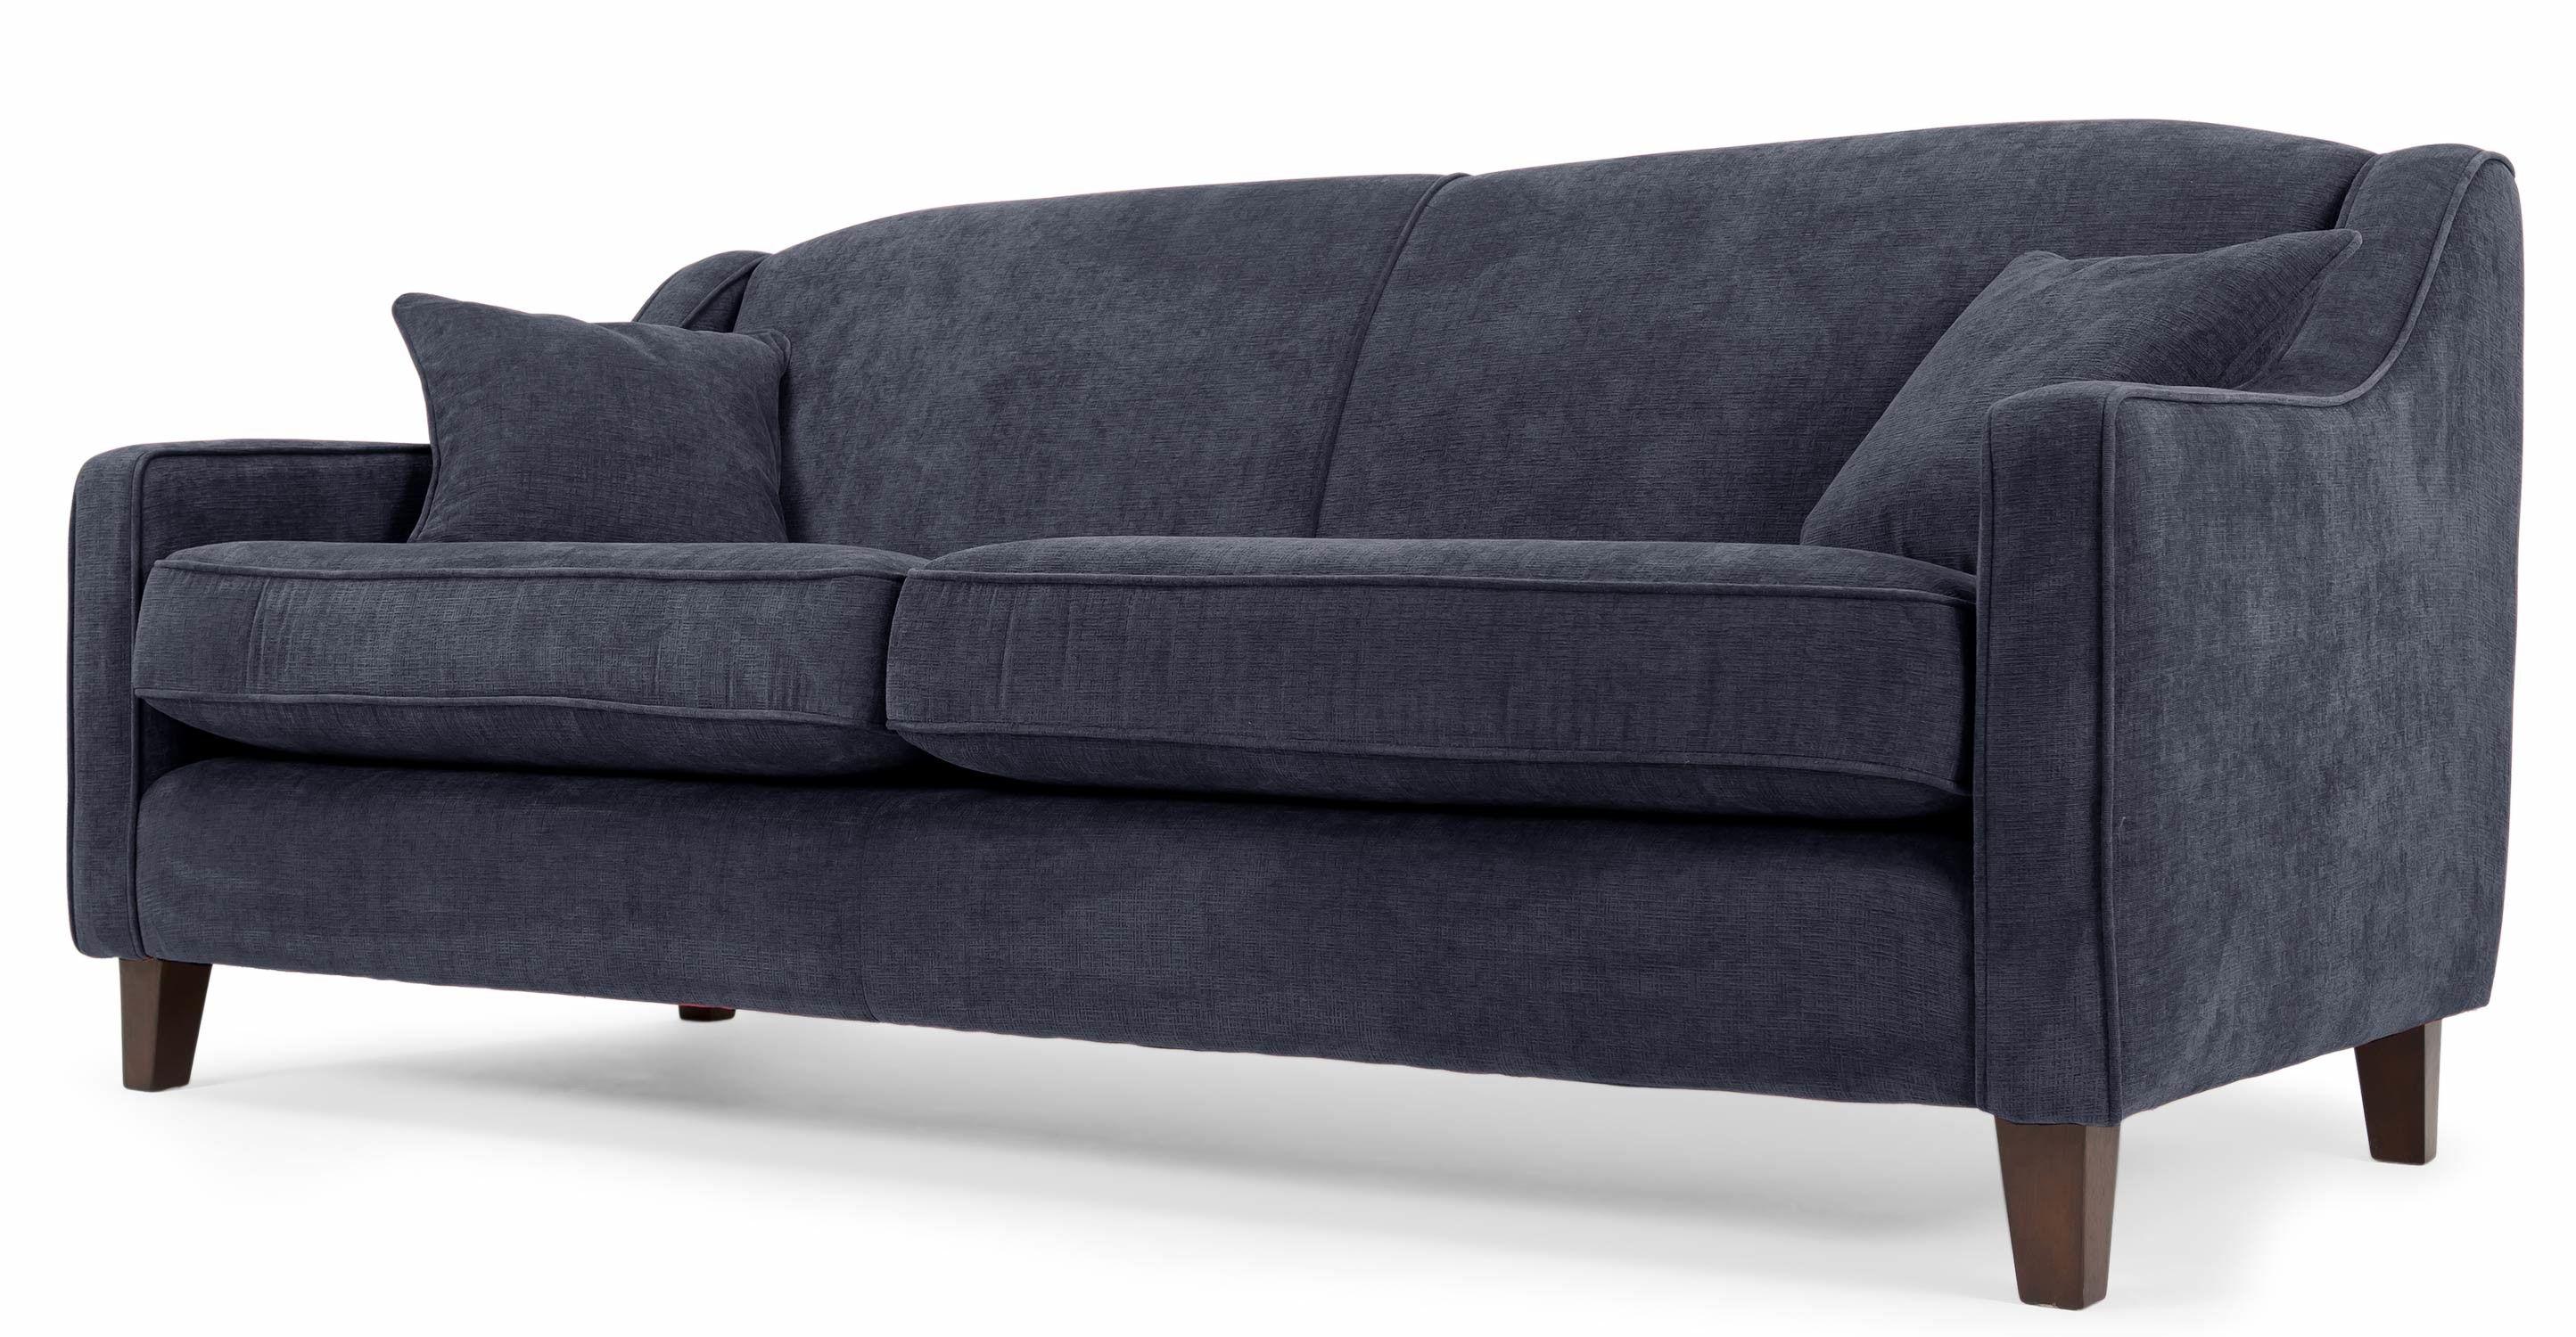 Halston Canapé Places Bleu De Minuit Idées Pour La Maison - Canapé 3 places pour idee de deco pour salon